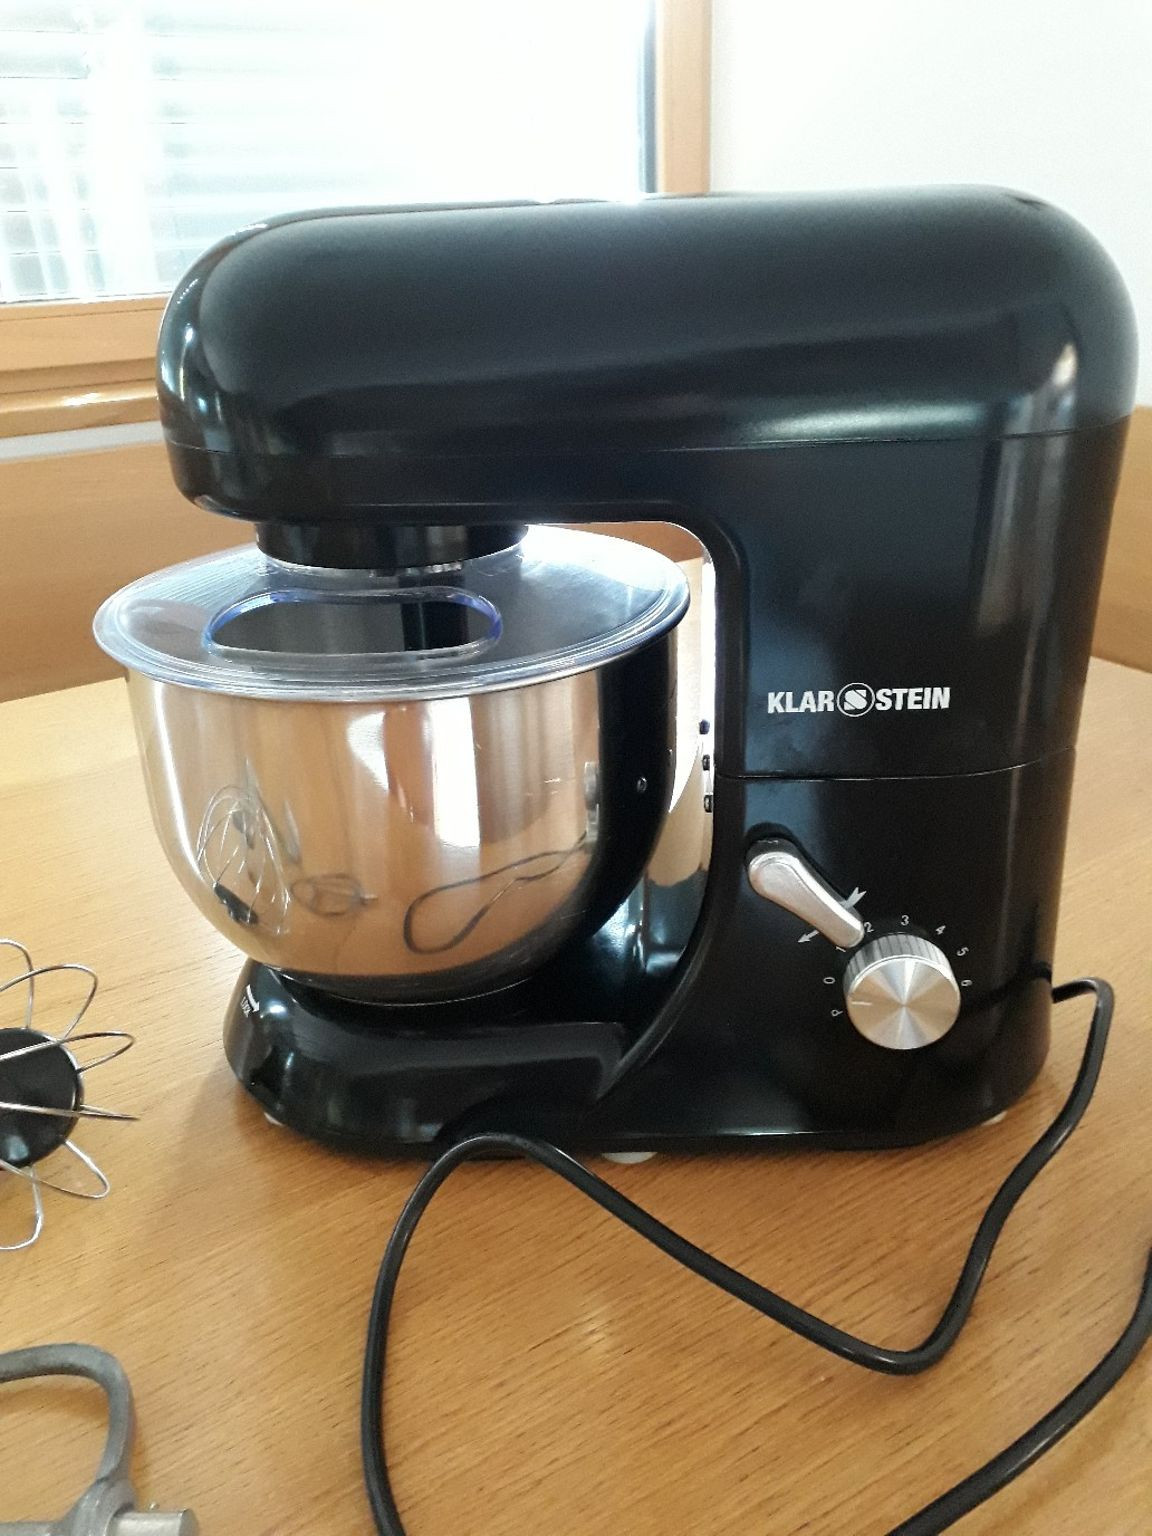 Klarstein Küchenmaschine  Klarstein Kuchenmaschine gebraucht kaufen 3 St bis